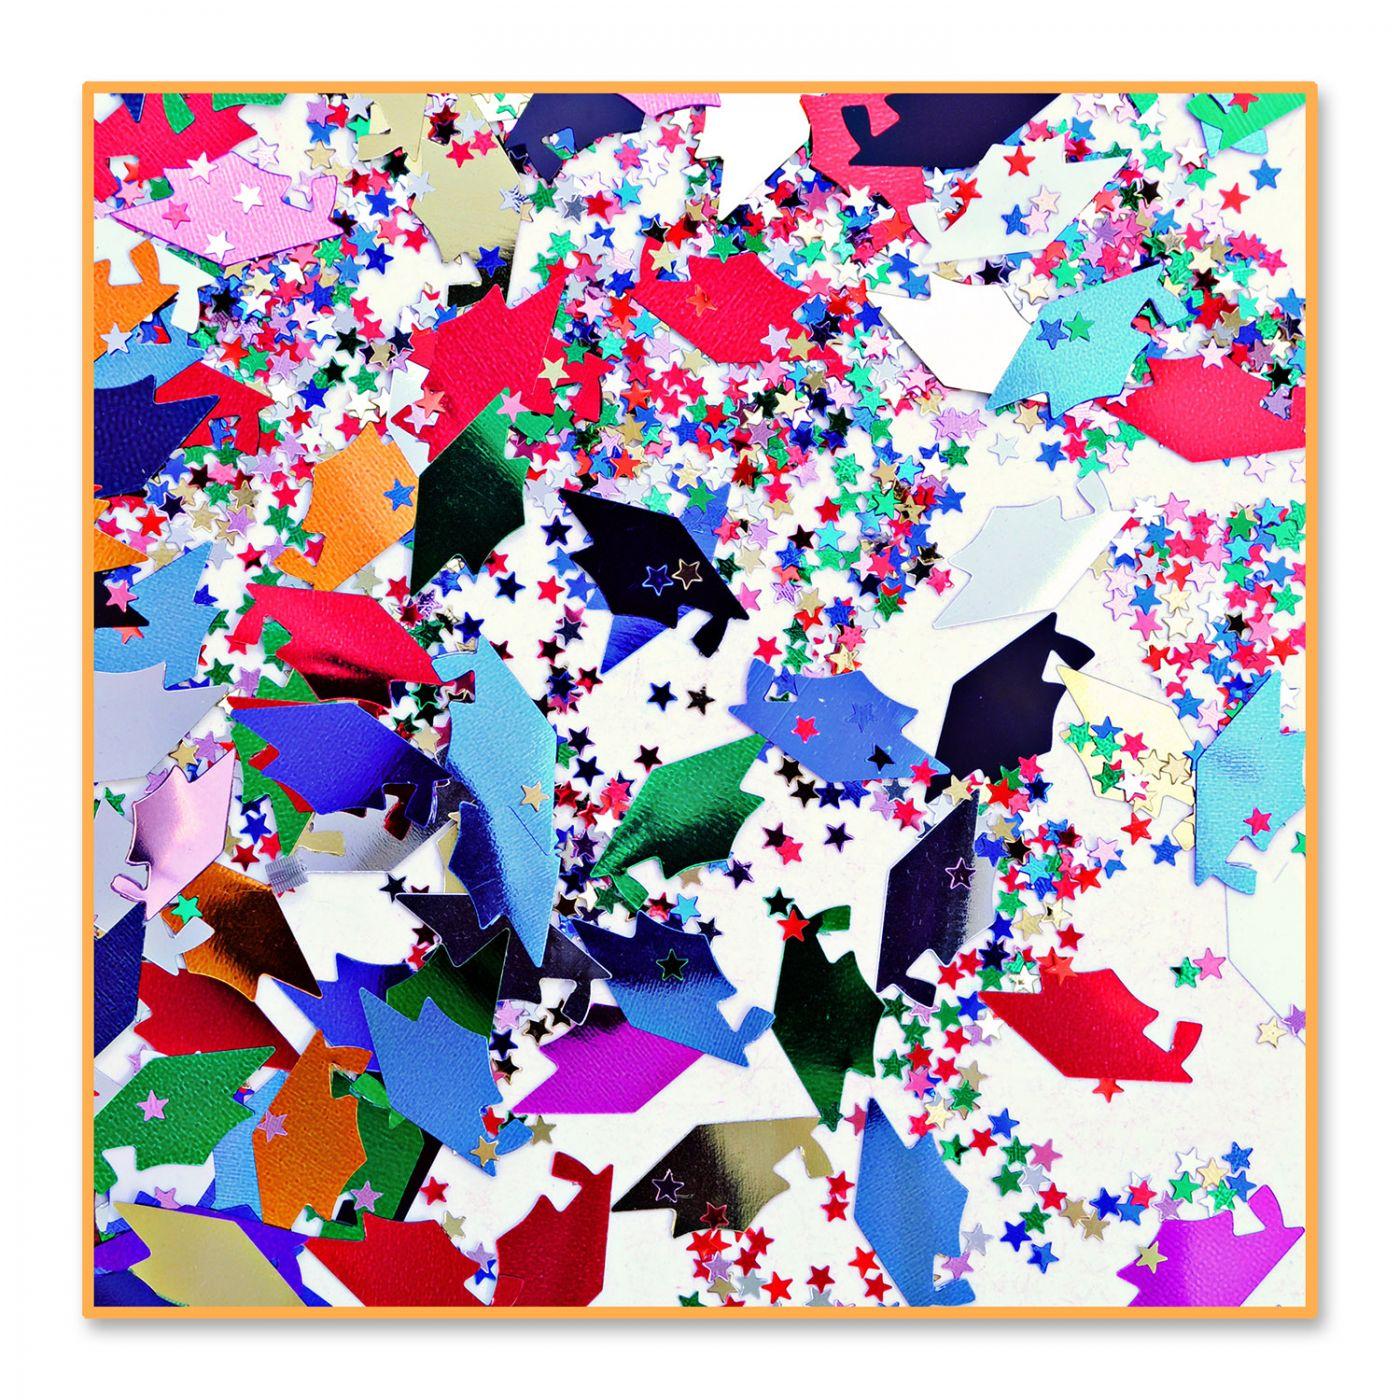 Grad Caps & Stars Confetti (6) image